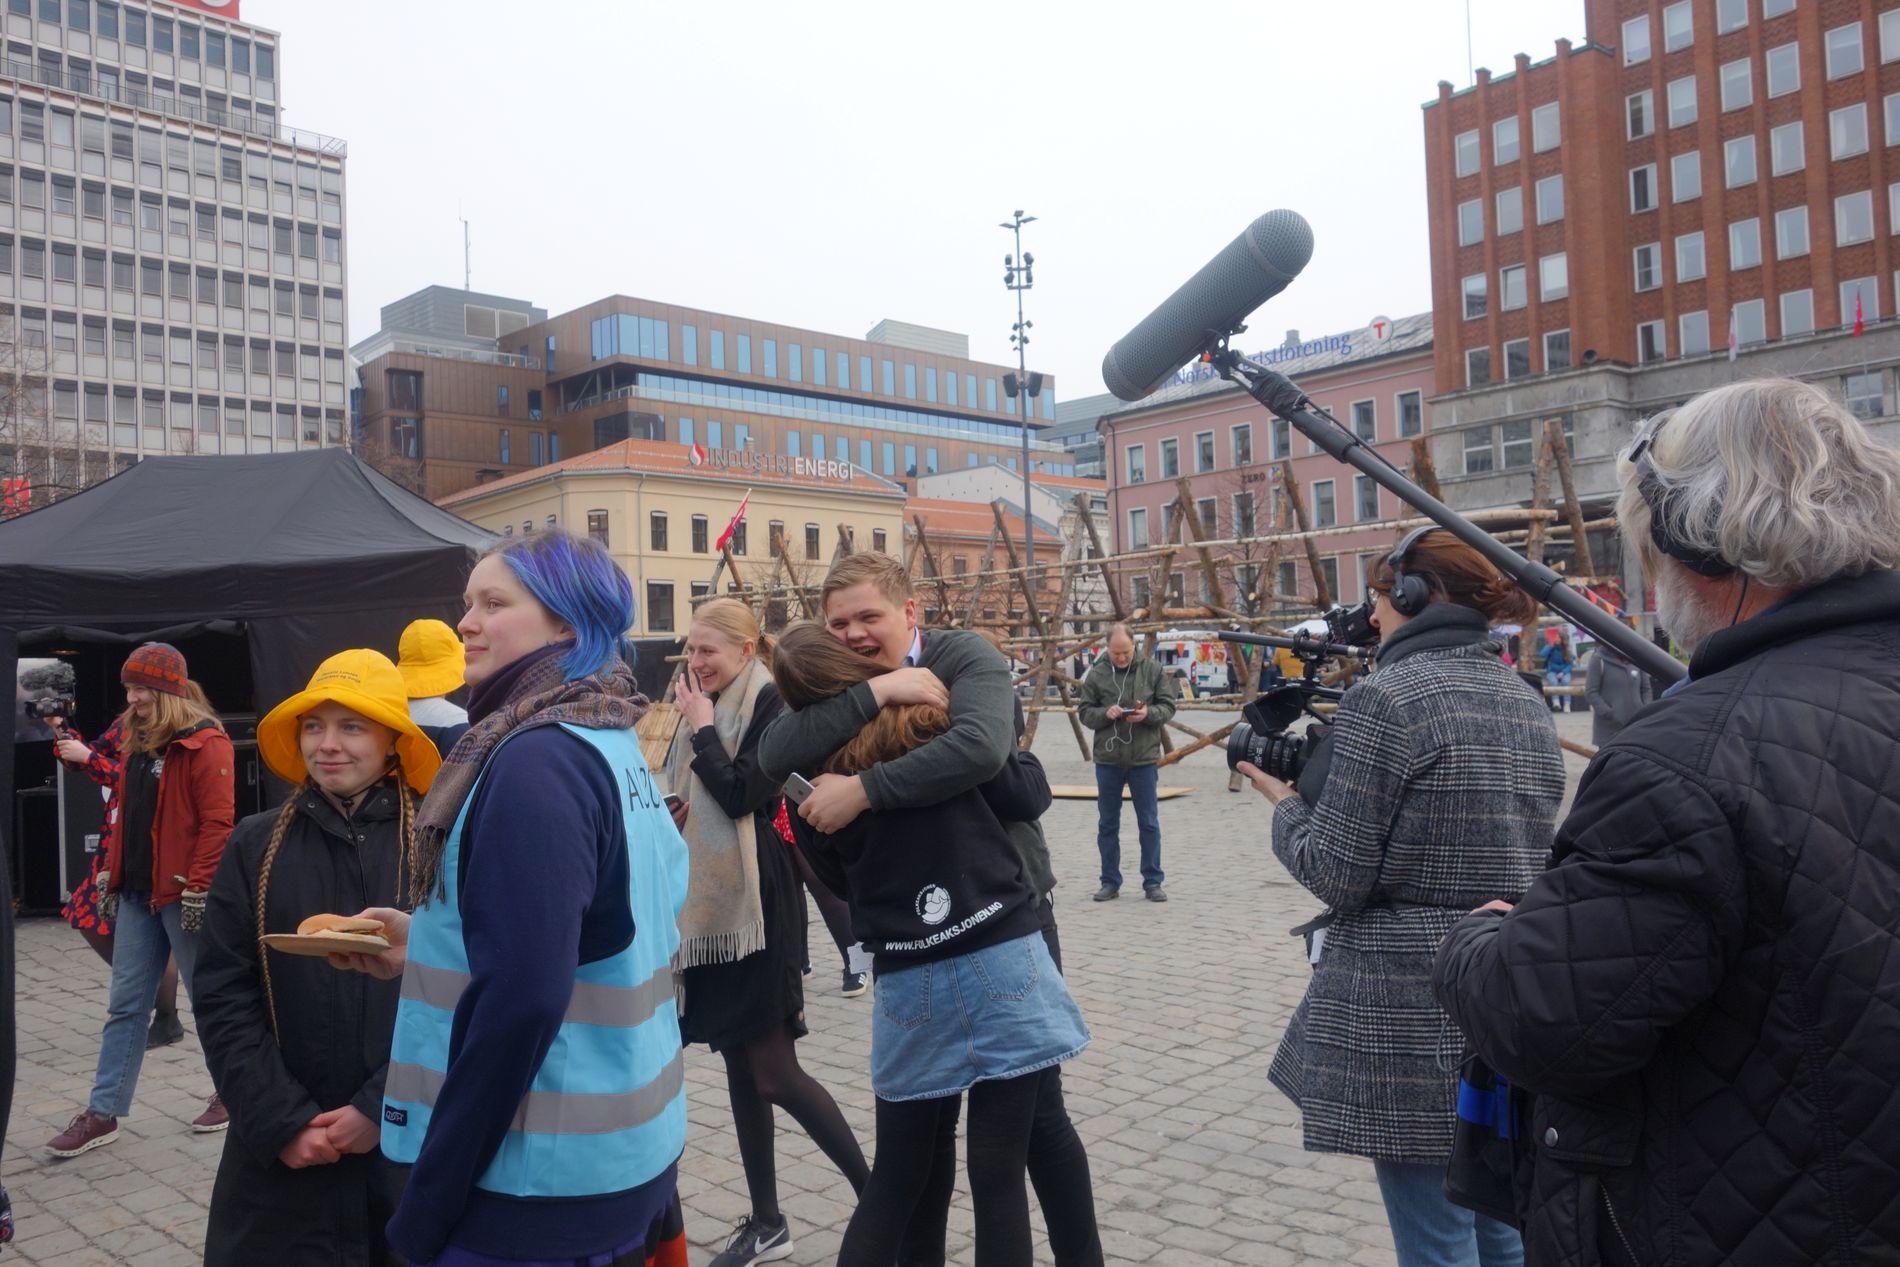 FÅR ROS: – Jeg elsker deg! Ropte Gaute Skjærvø, sentralstyremedlem i AUF, til Ina Libak, leder i AUF. Mens partileder Jonas Gahr Støre holdt pressekonferanse om LoVeSe, feiret Libak med oljemotstanderne på Youngstorget.